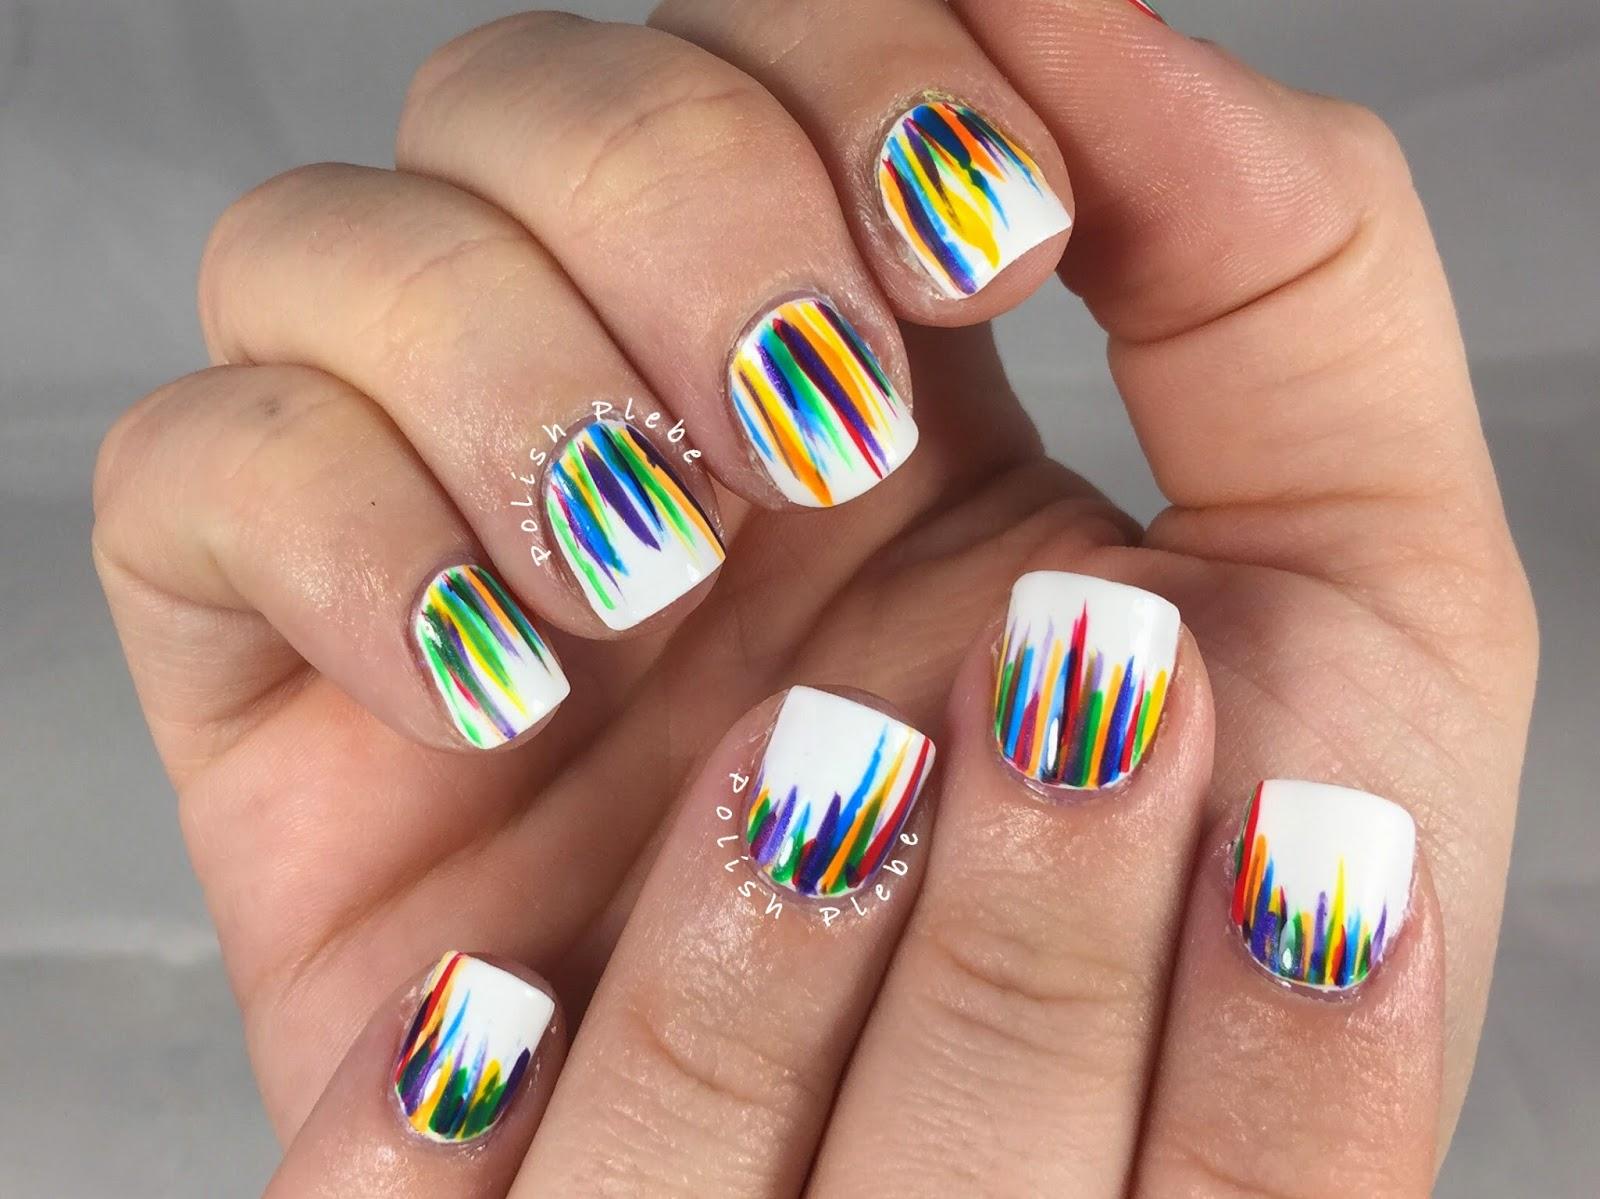 Nails Art: ROYGBIV Waterfall Nail Art